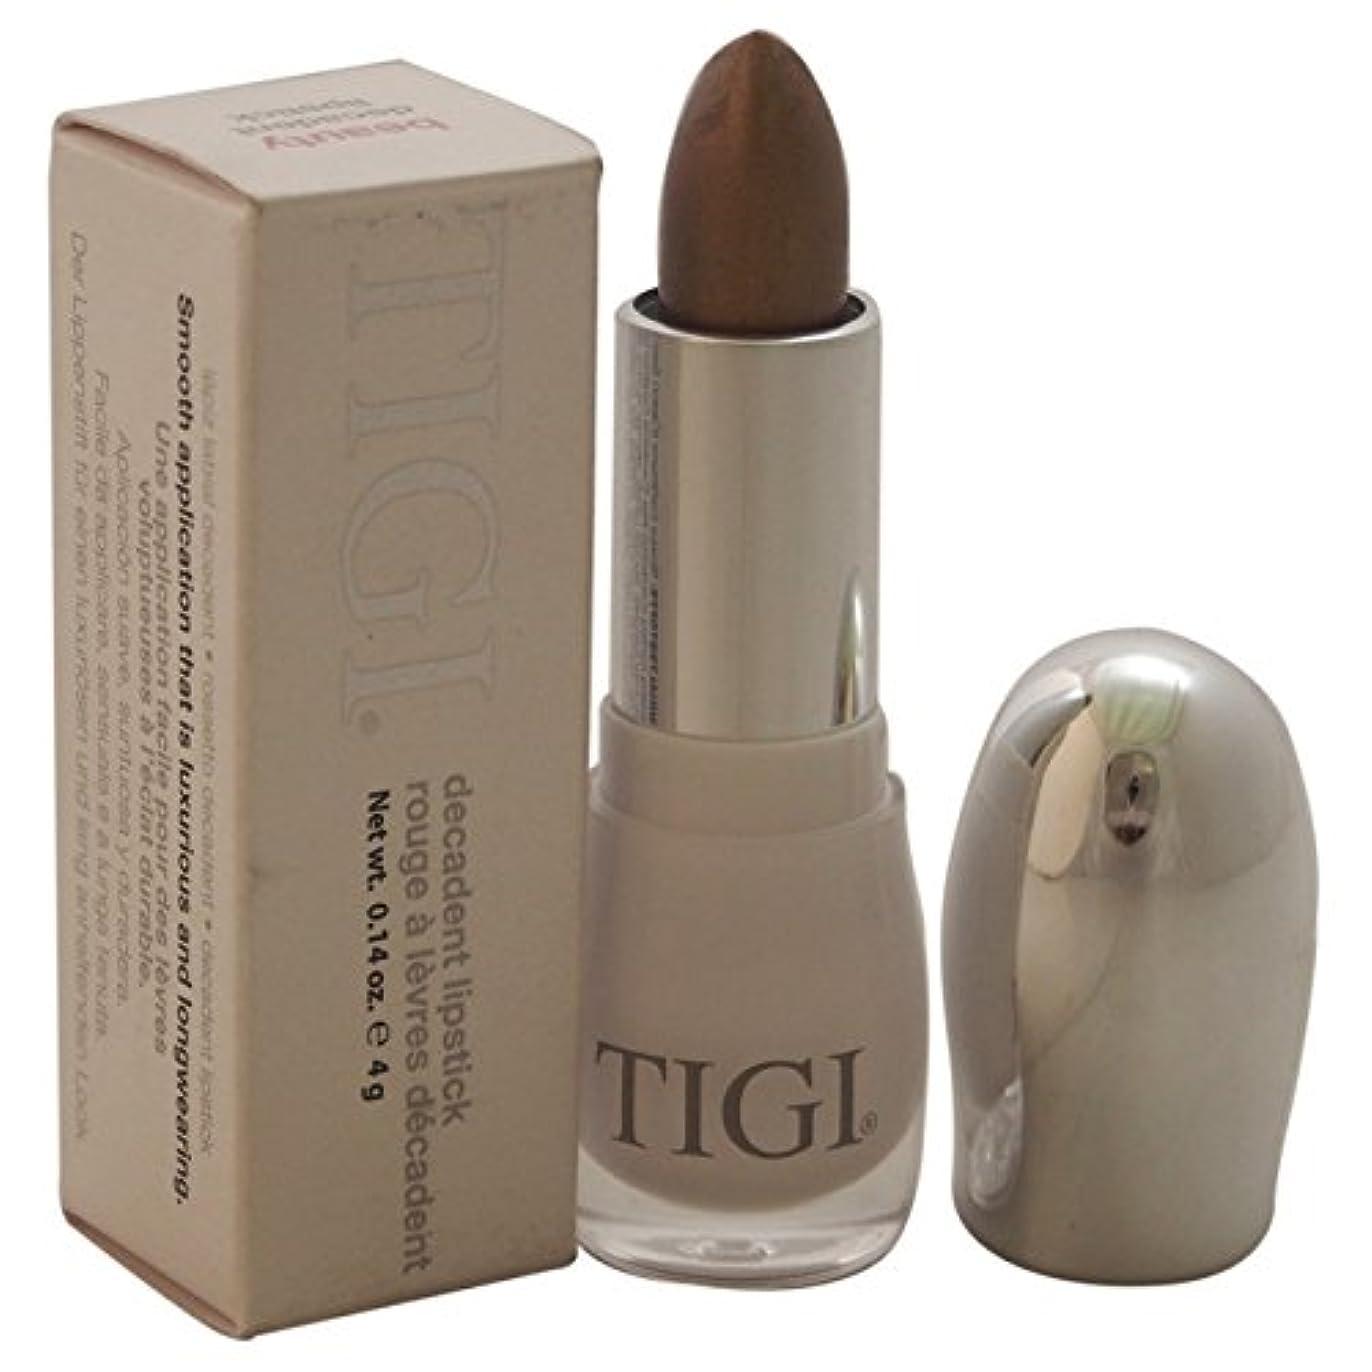 持参ホラー資料TIGI ティジーベッドヘッド退廃口紅、美容、0.14オンス 0.14オンス 美しさ